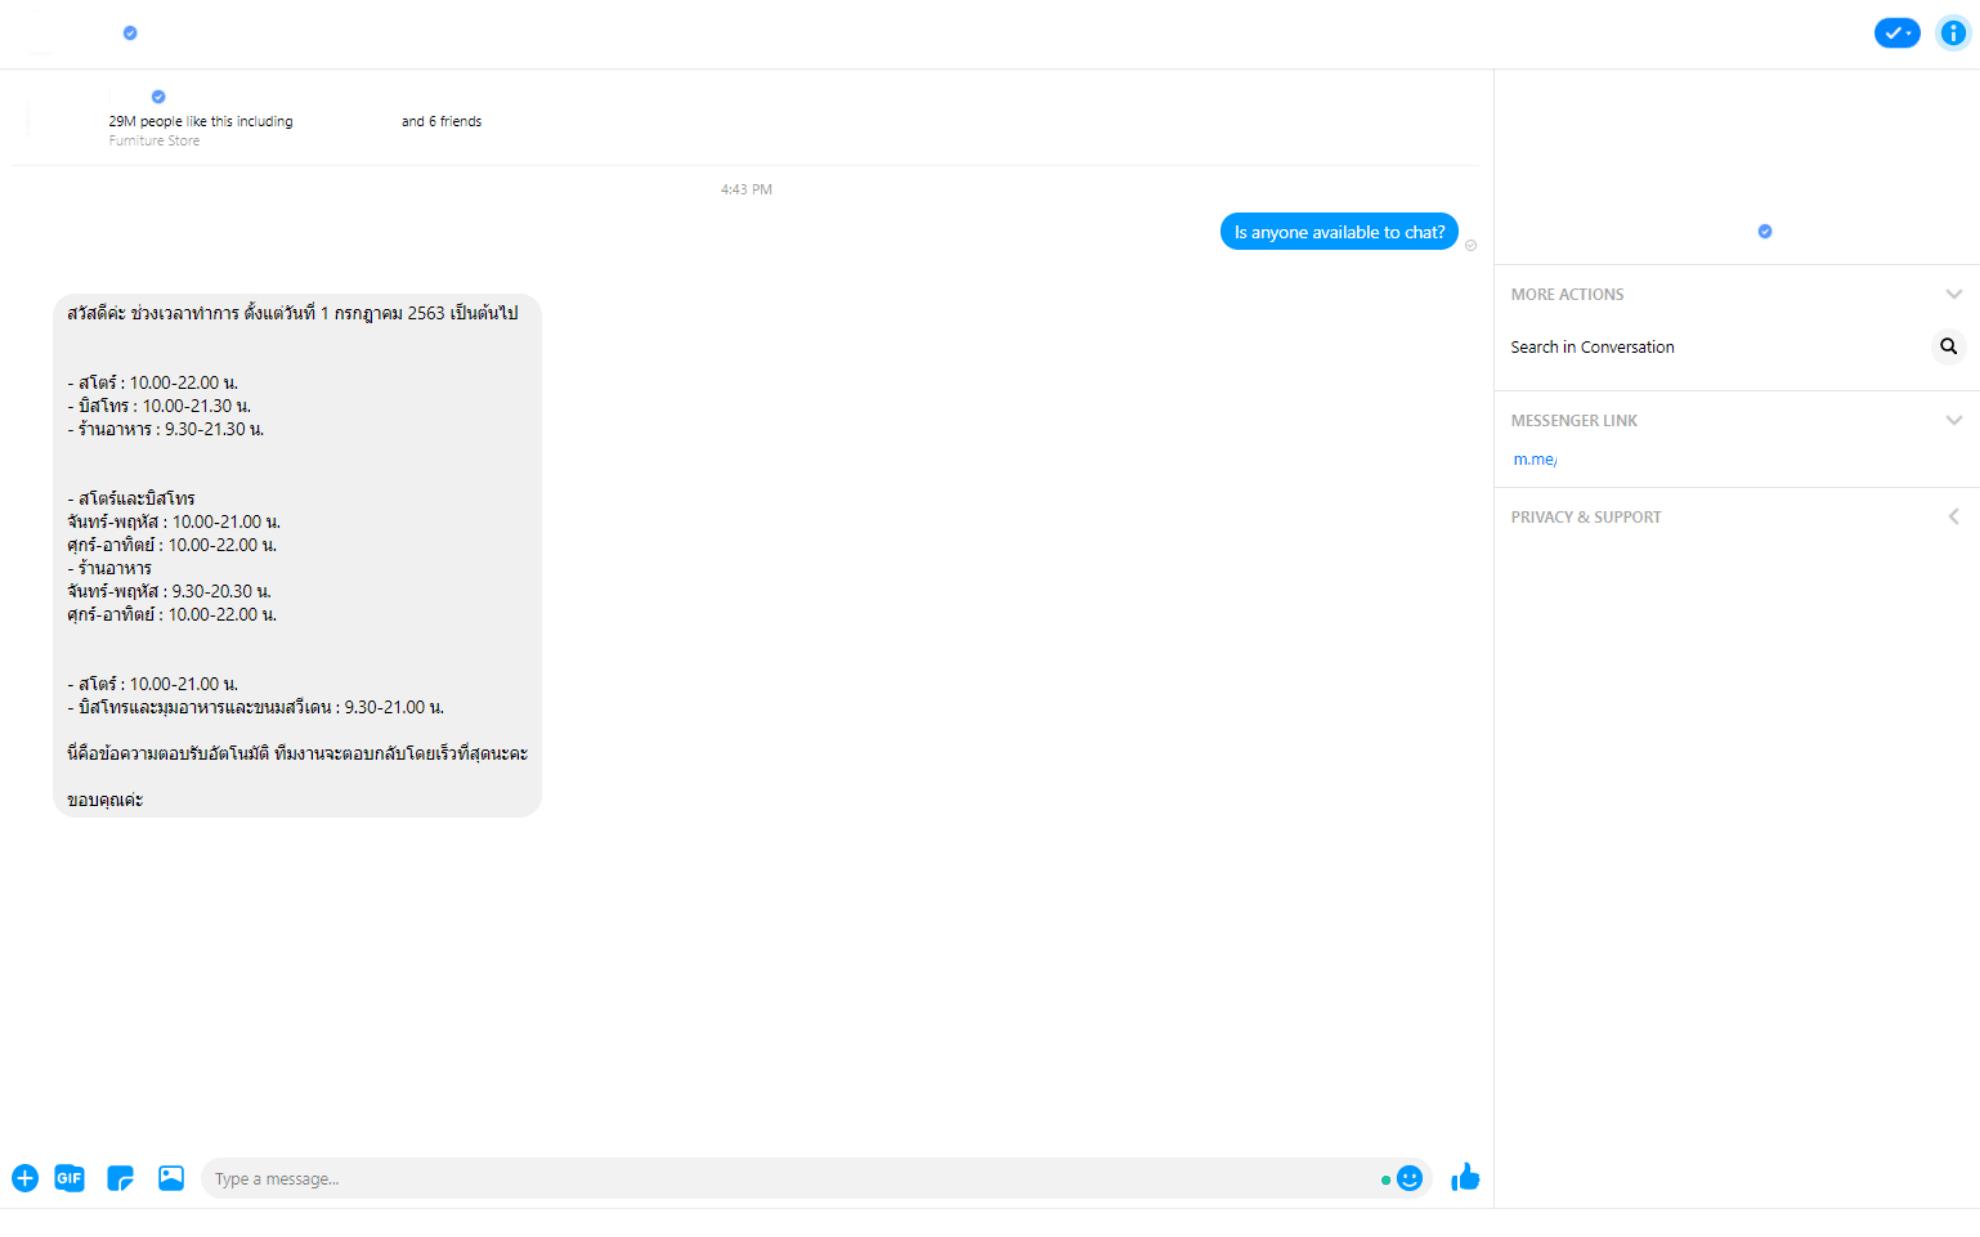 เผย 5 เหตุผล การทำ ChatBot ที่ทำให้ธุรกิจเจ๊ง   ปิดการขายไม่ได้   ฐานลูกค้าลด 1